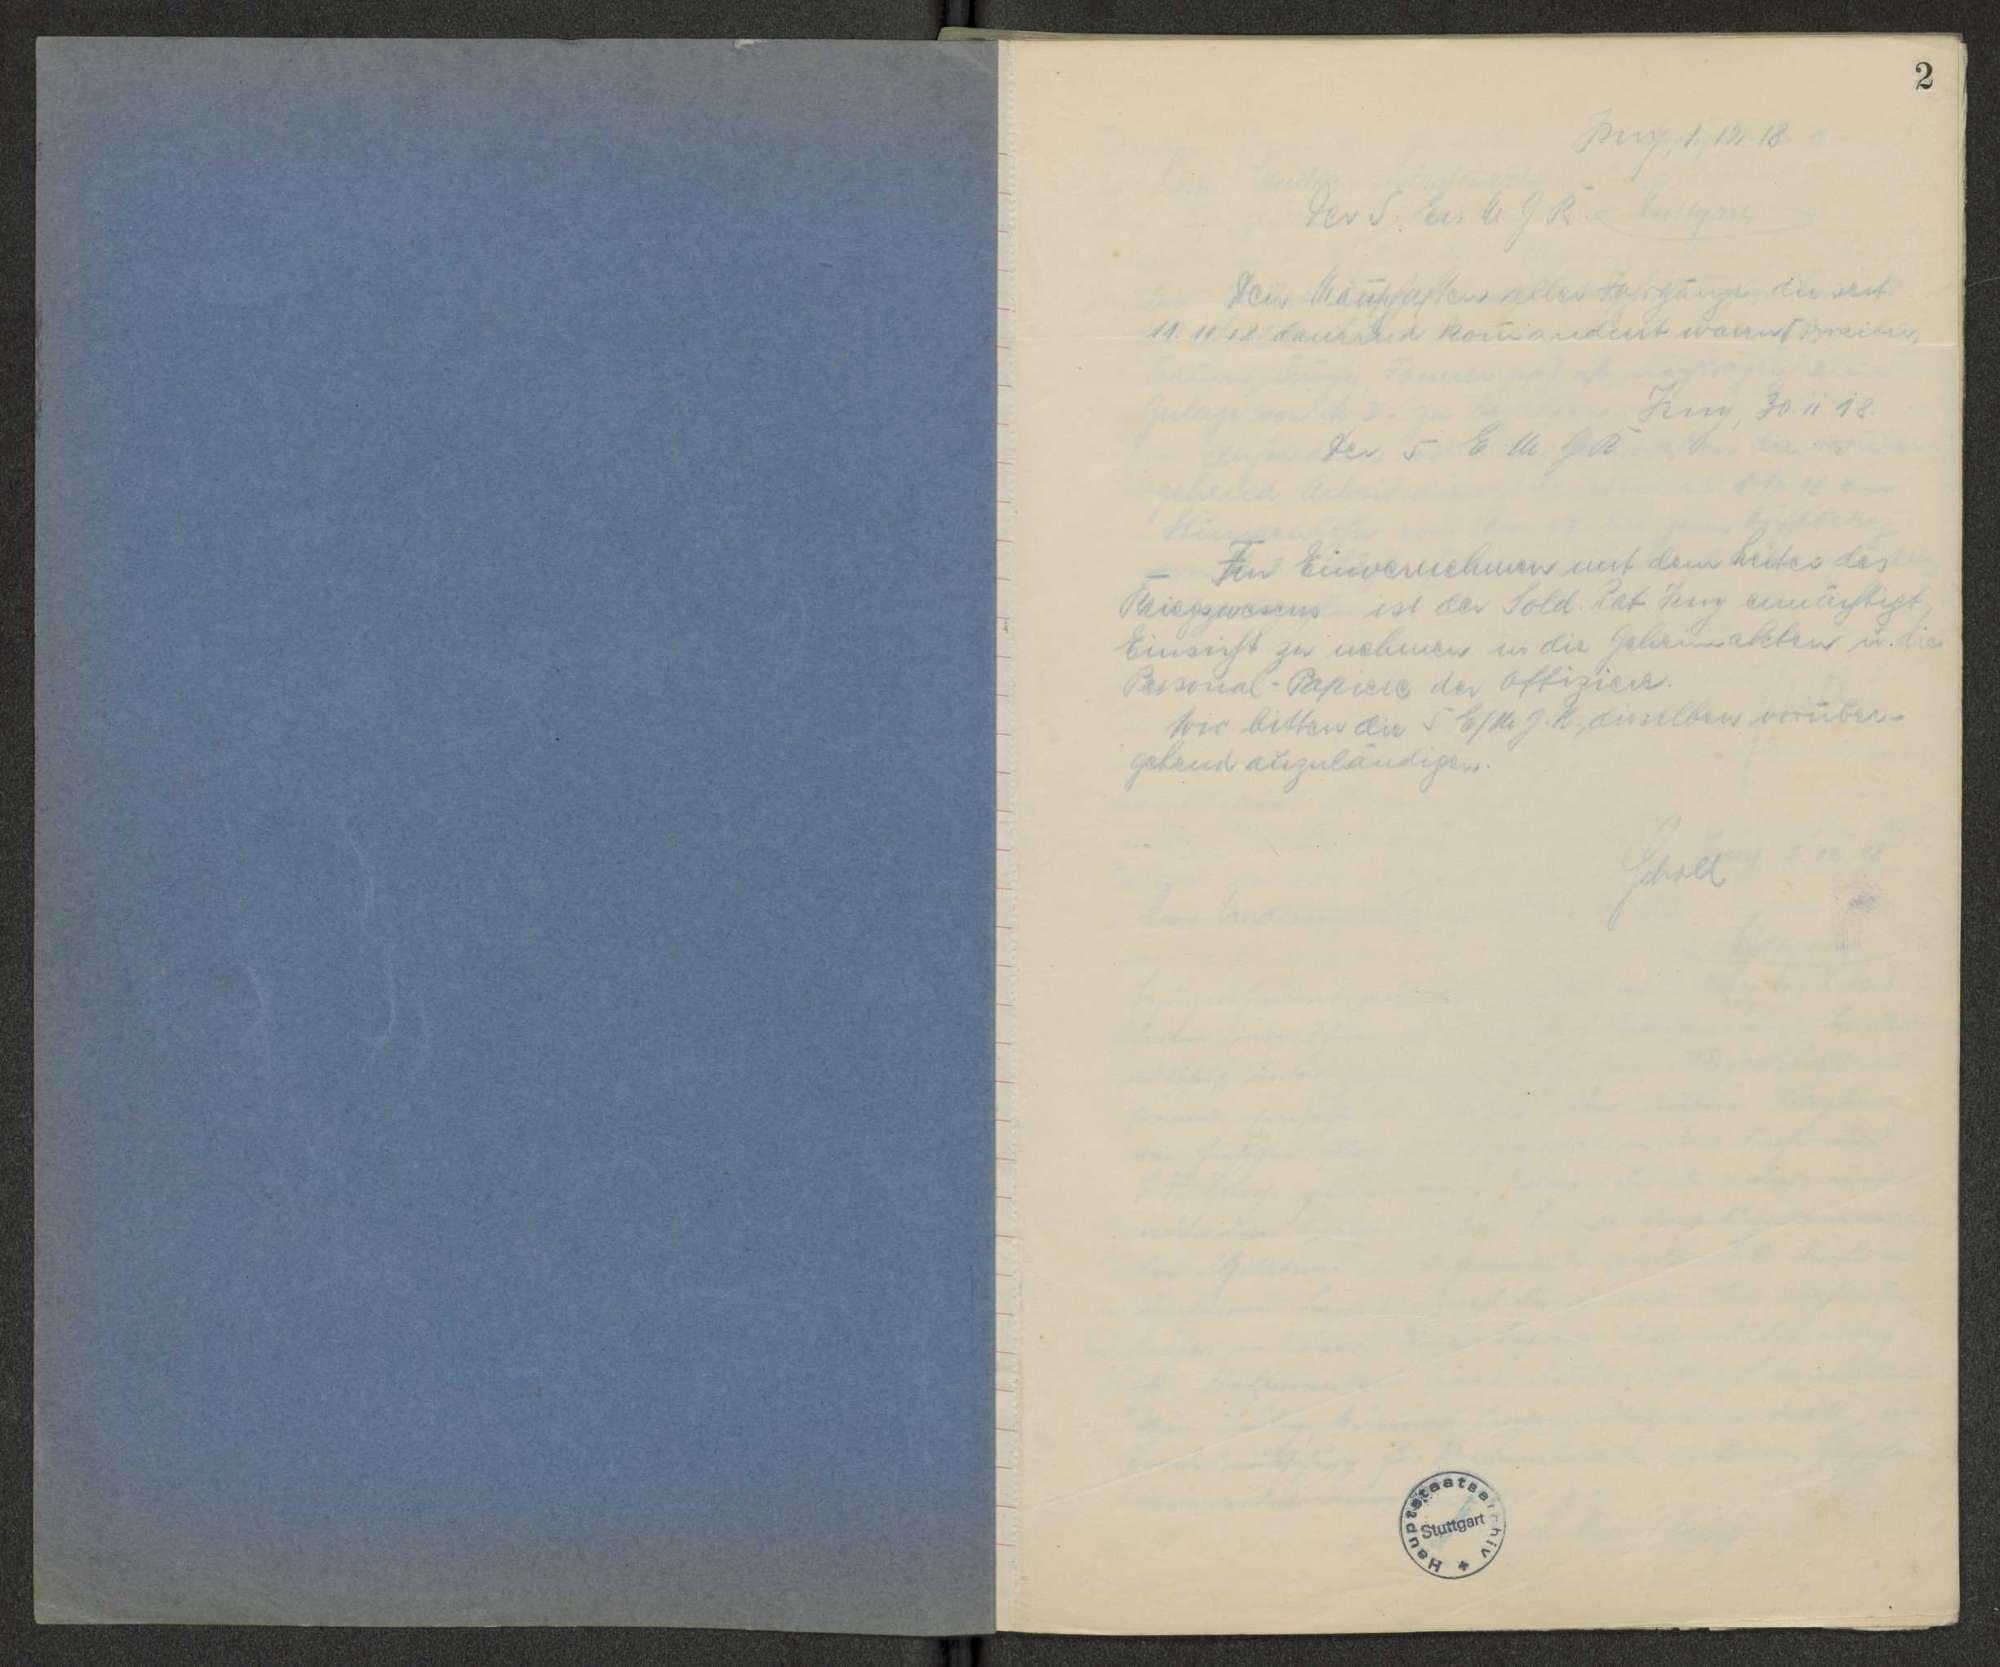 Schriftwechselbuch des Soldatenrats, Bild 2